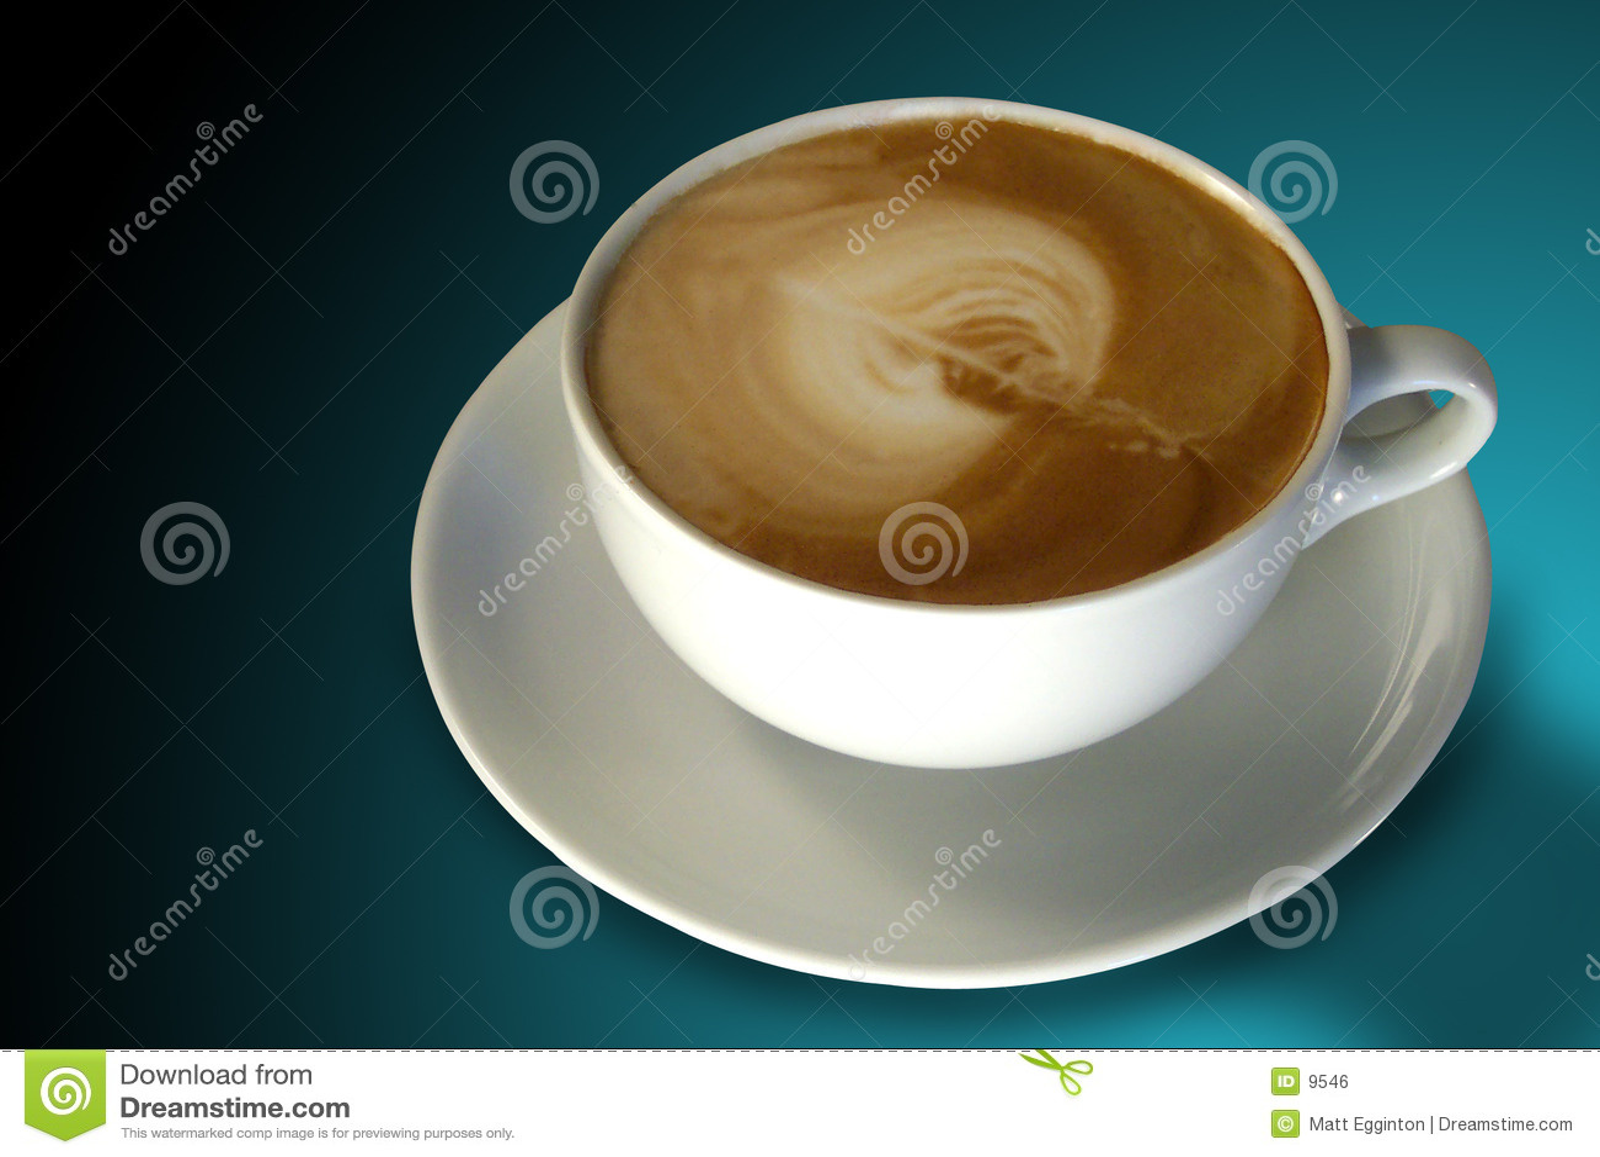 Cappuccino kawę latte sztuki